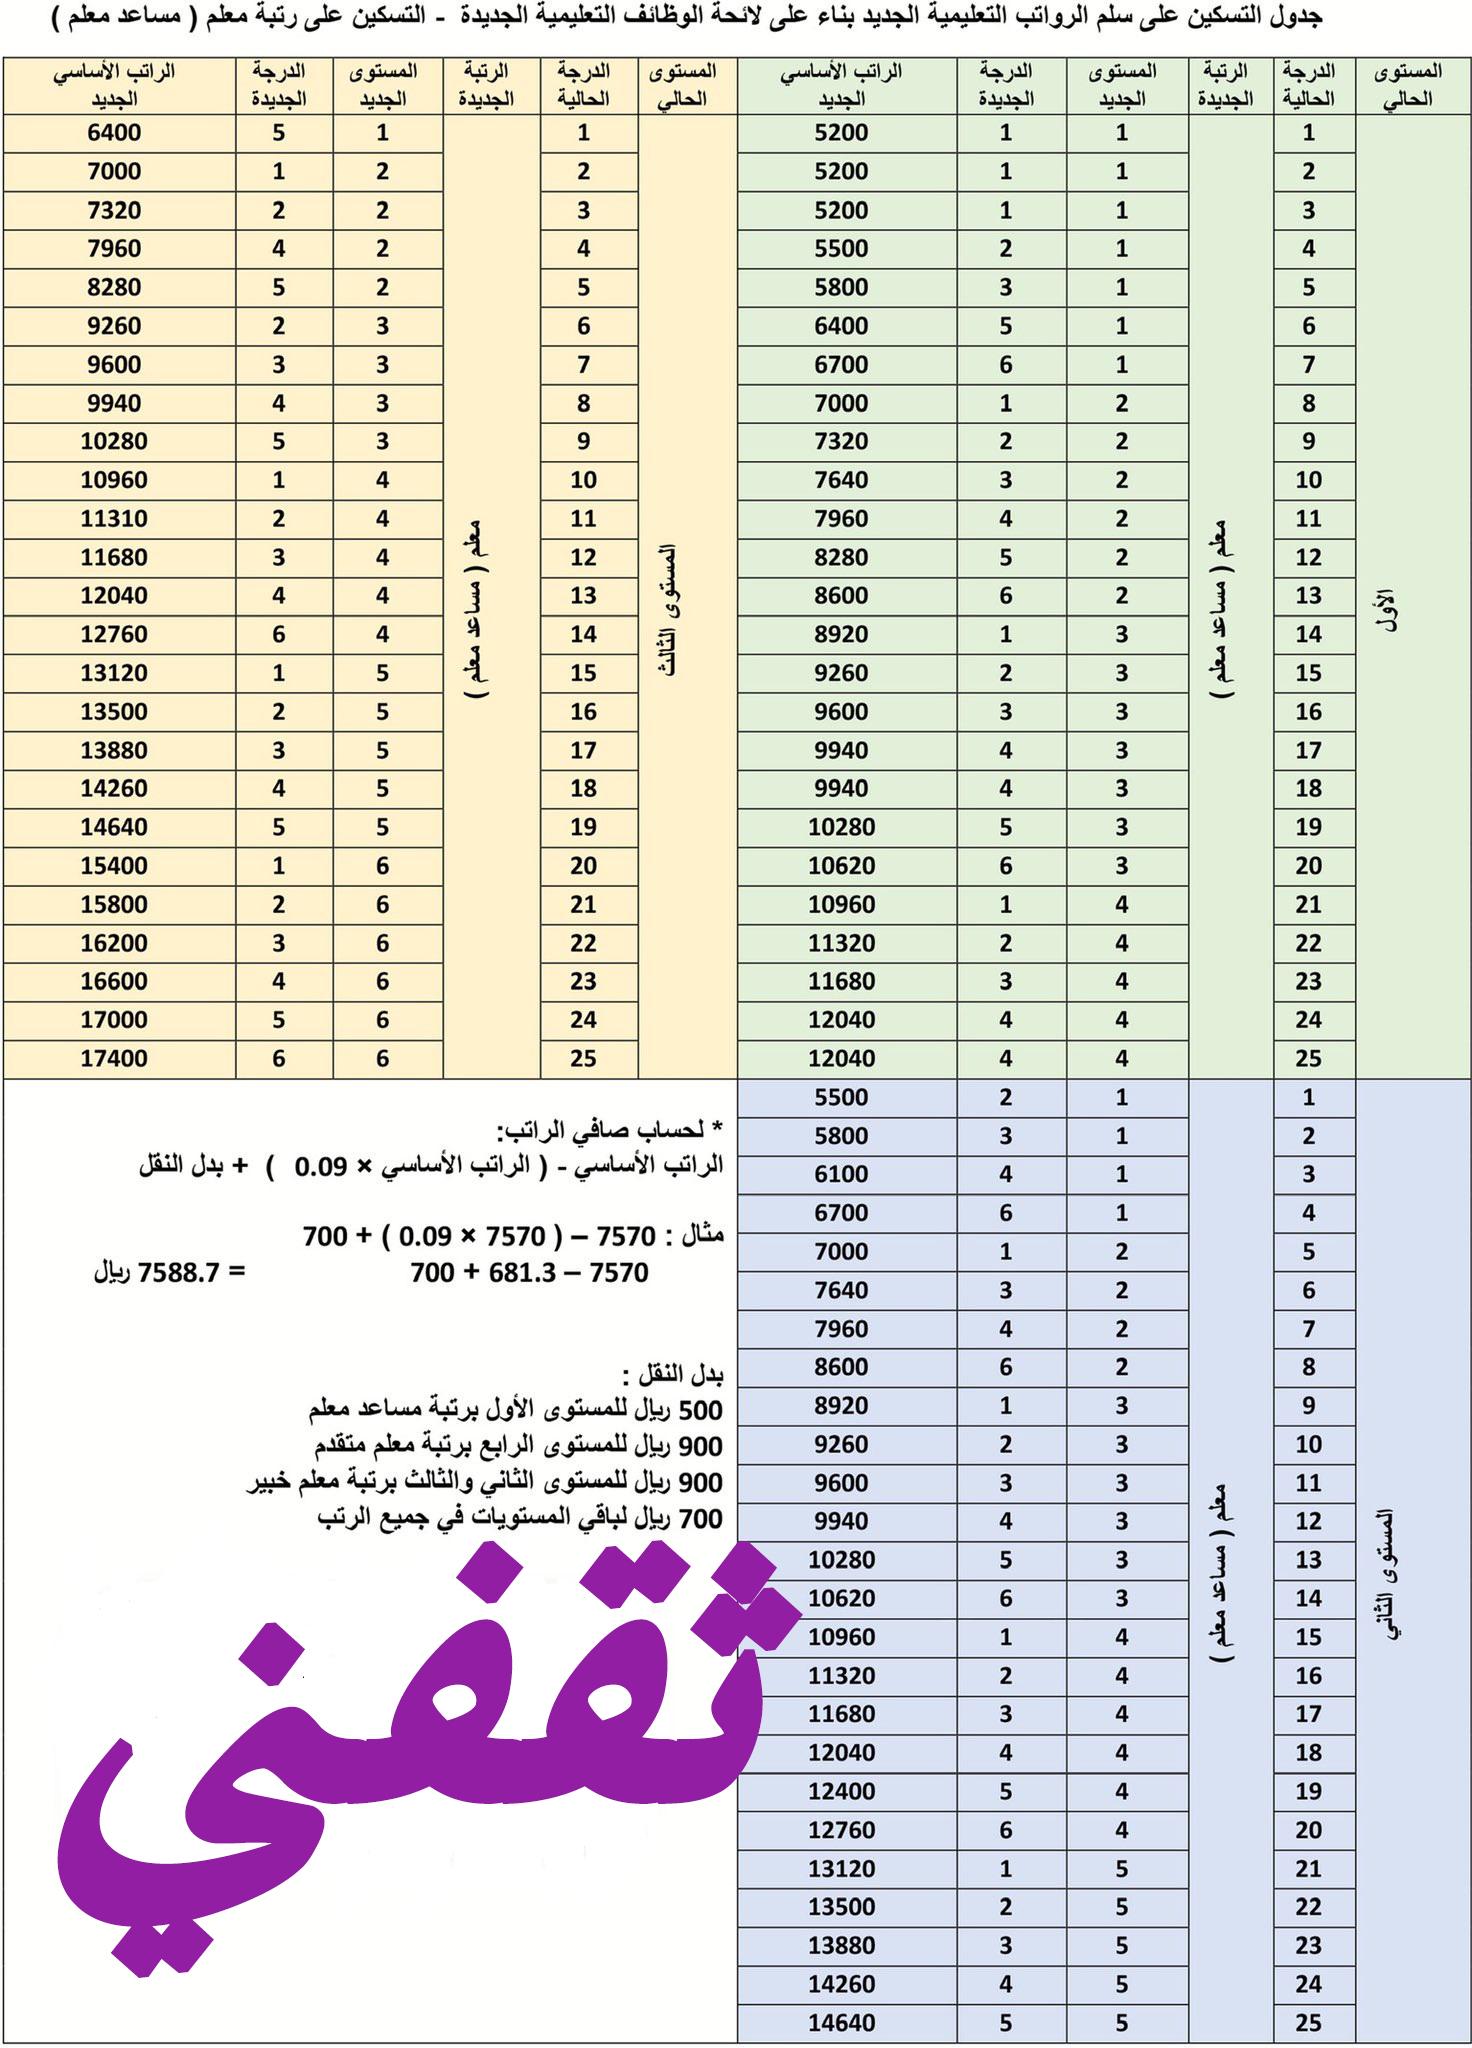 جدول التسكين في لائحة الوظائف التعليمية الجديدة 1441 وموعد اختبار